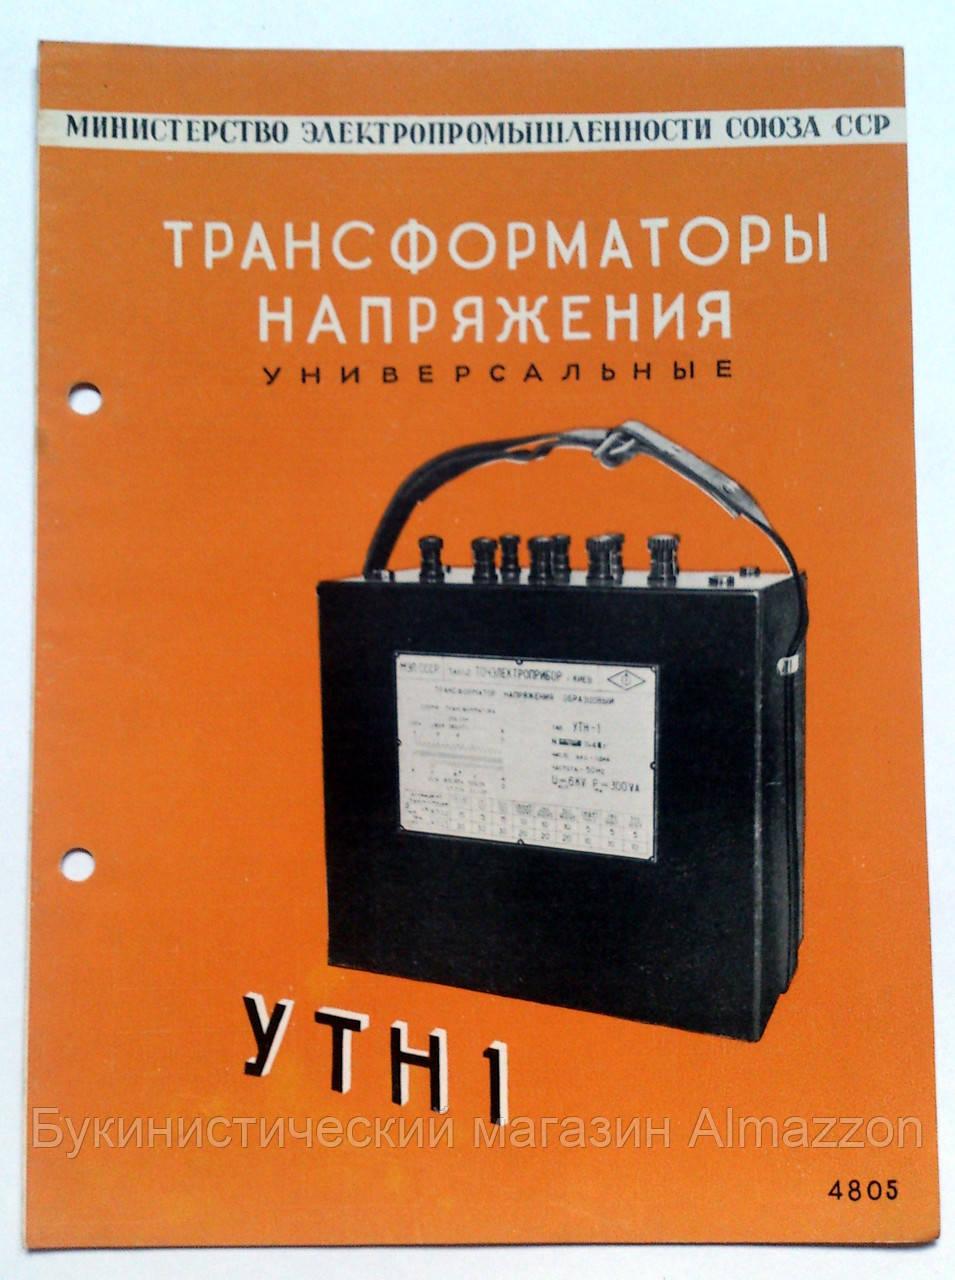 """Журнал (Бюллетень) """"Трансформаторы напряжения УТН 1"""" 1949 год"""